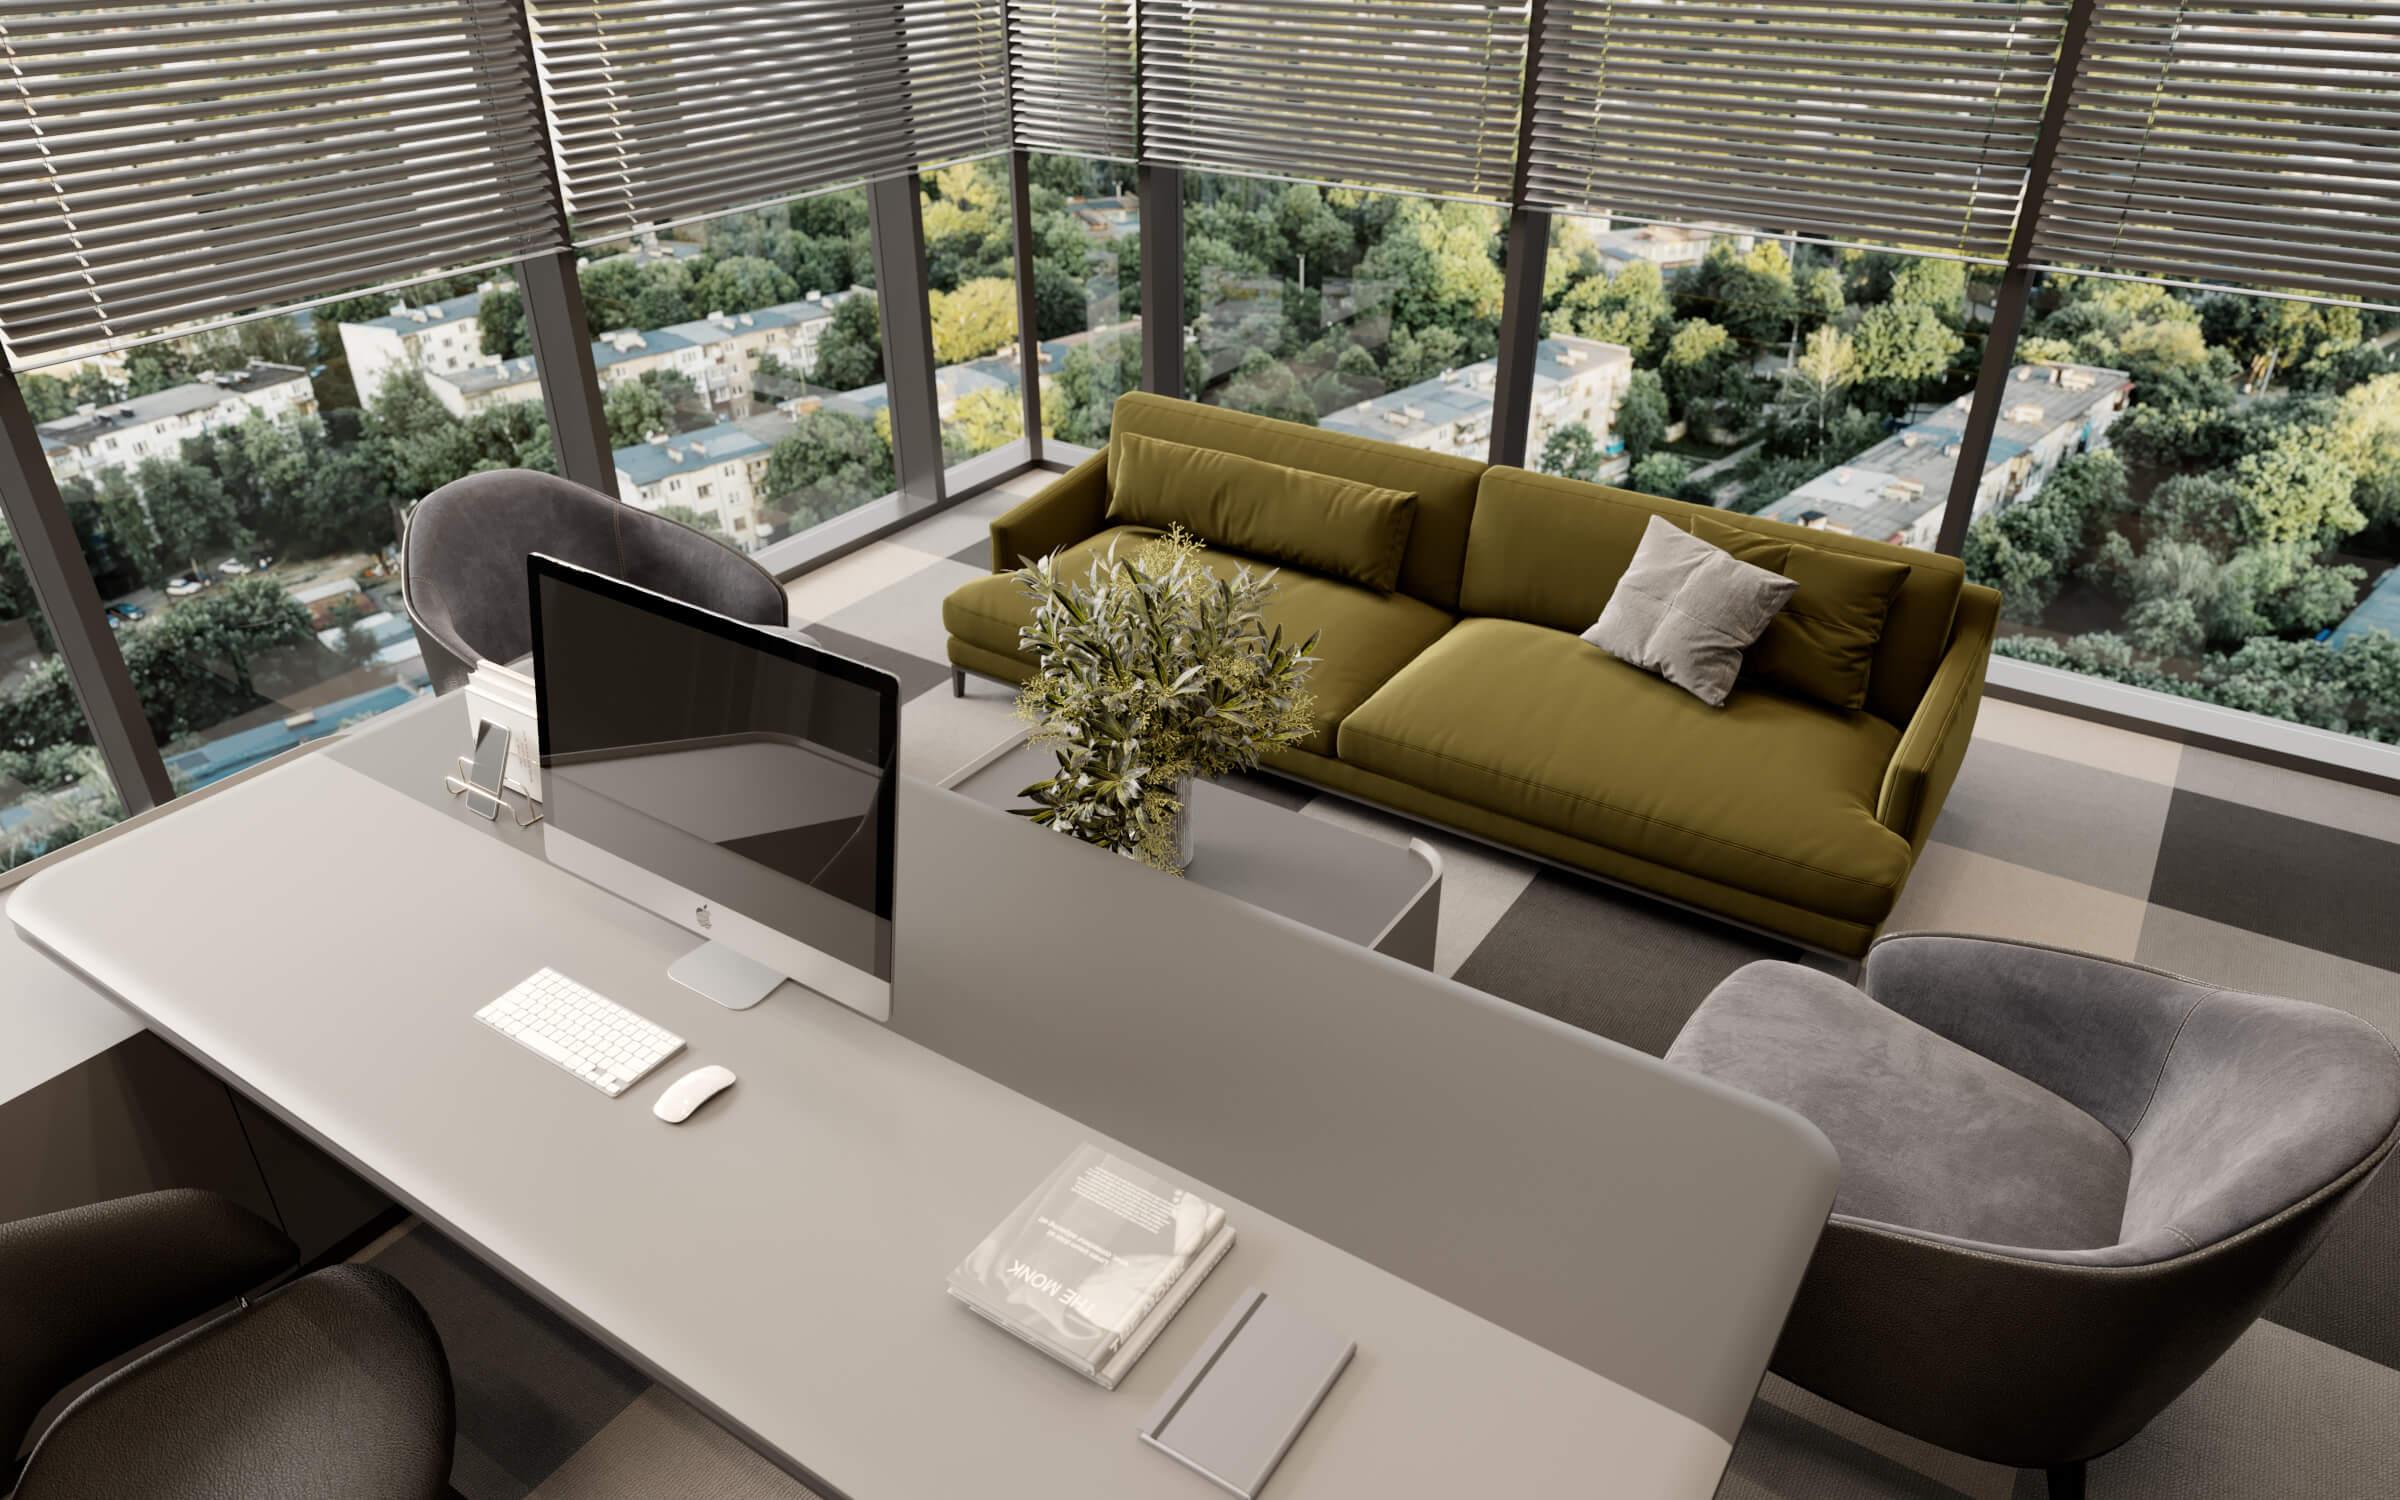 ofis dekorasyonu 4115 Altın Hayat Sigorta Ofisler